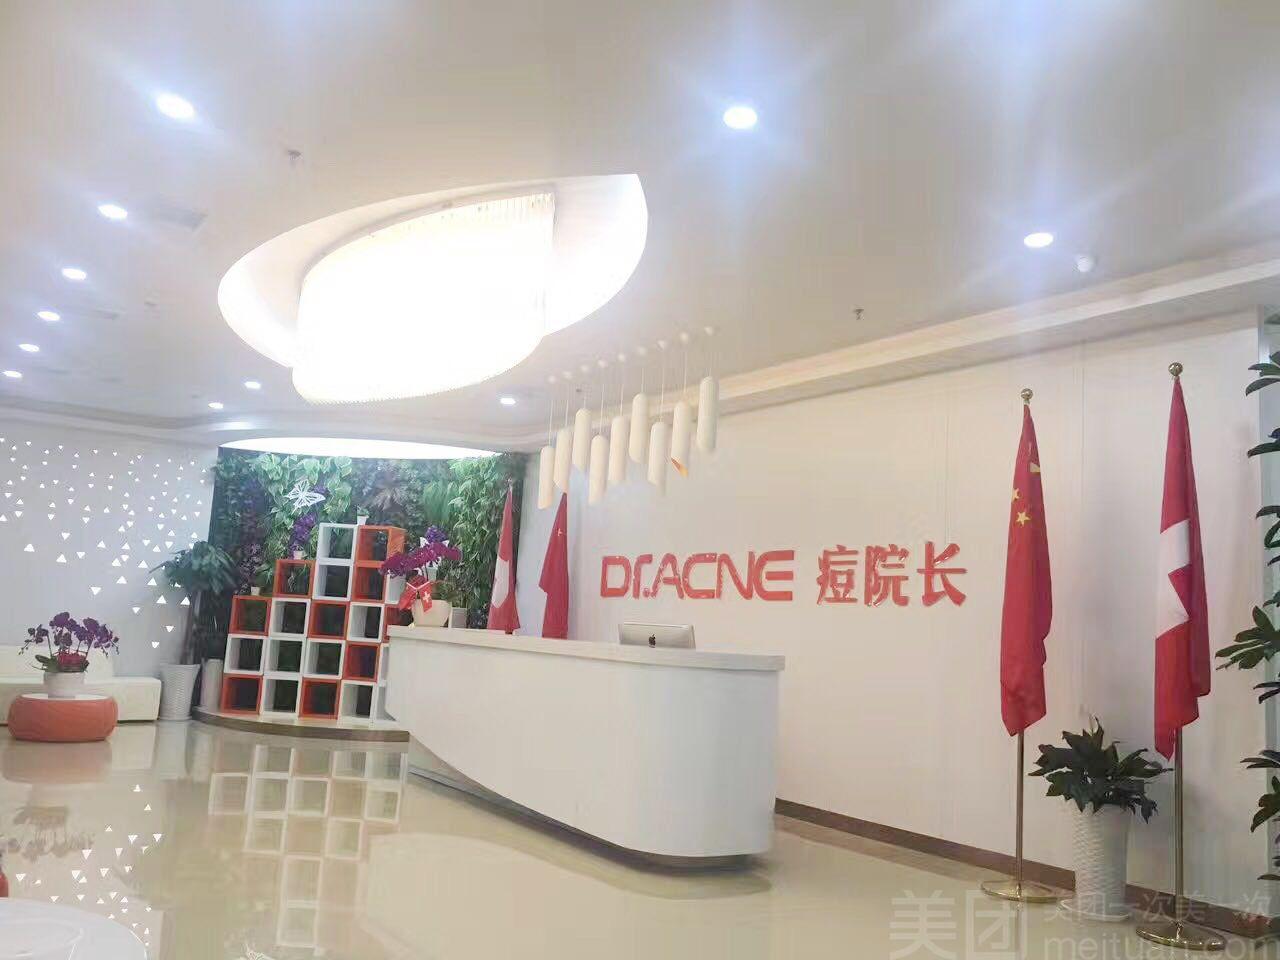 Dr.ACNE痘院长国际祛痘连锁(国贸360店)-美团